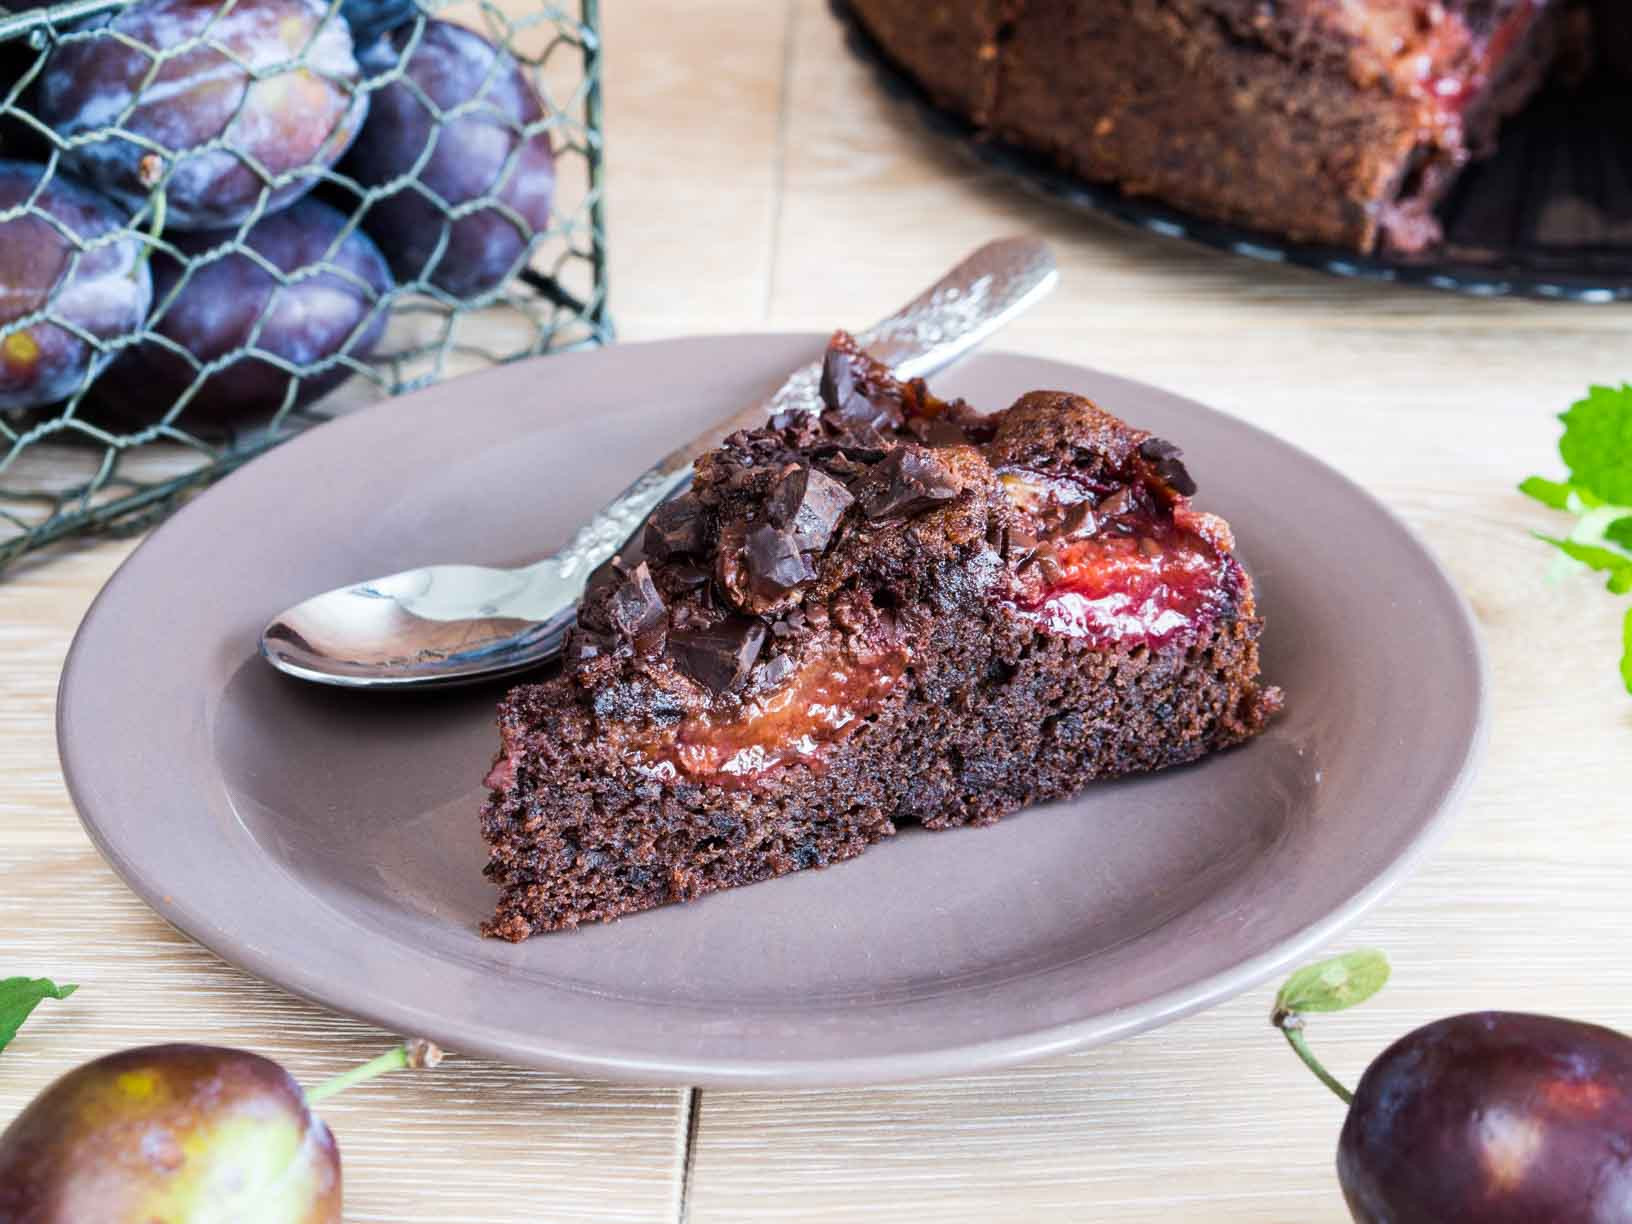 ciasto czekoladowe ze śliwkami na talerzyku